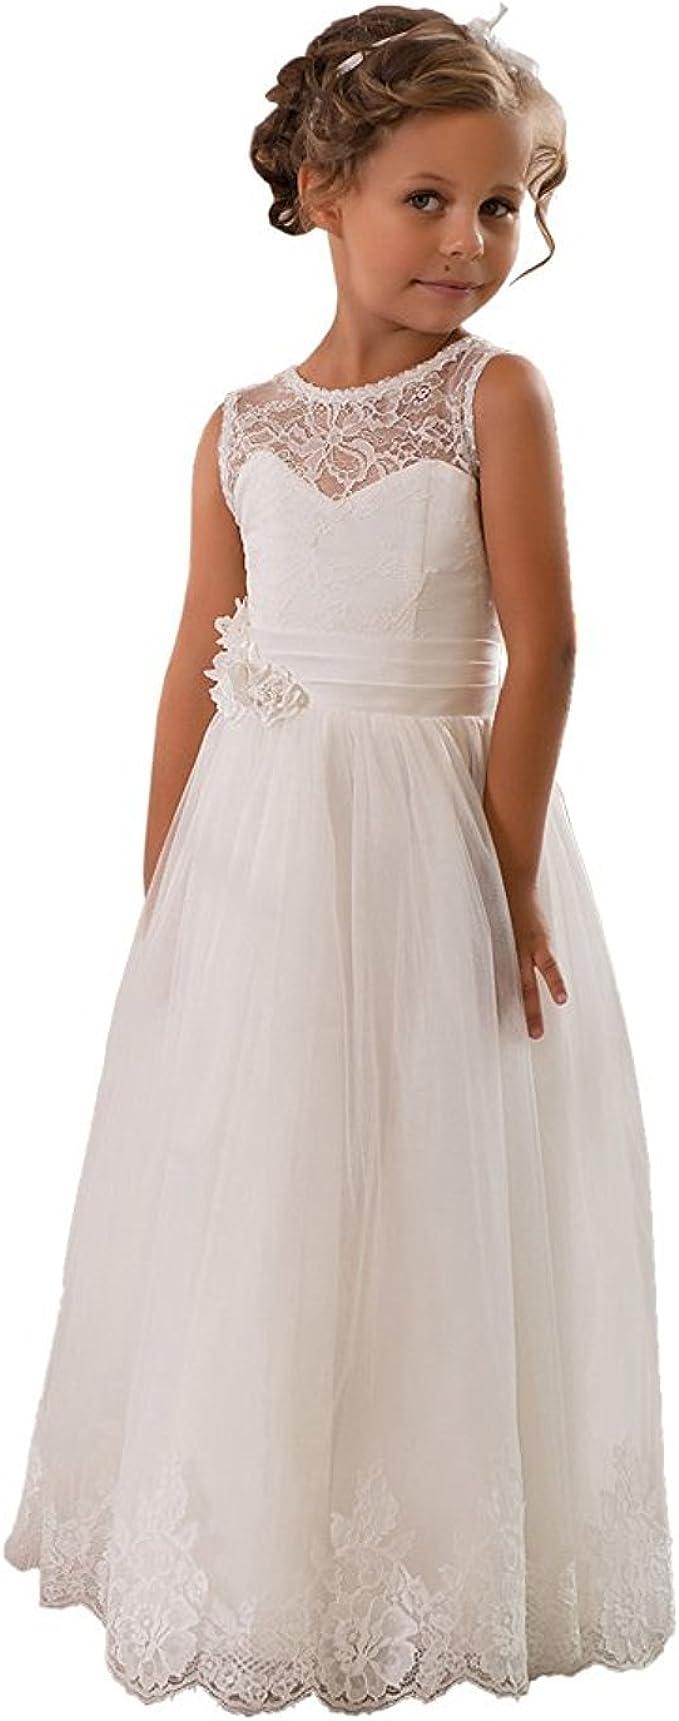 Kengtong Kengtong Weiß Mädchen Ärmellos Spitze Hochzeitskleid